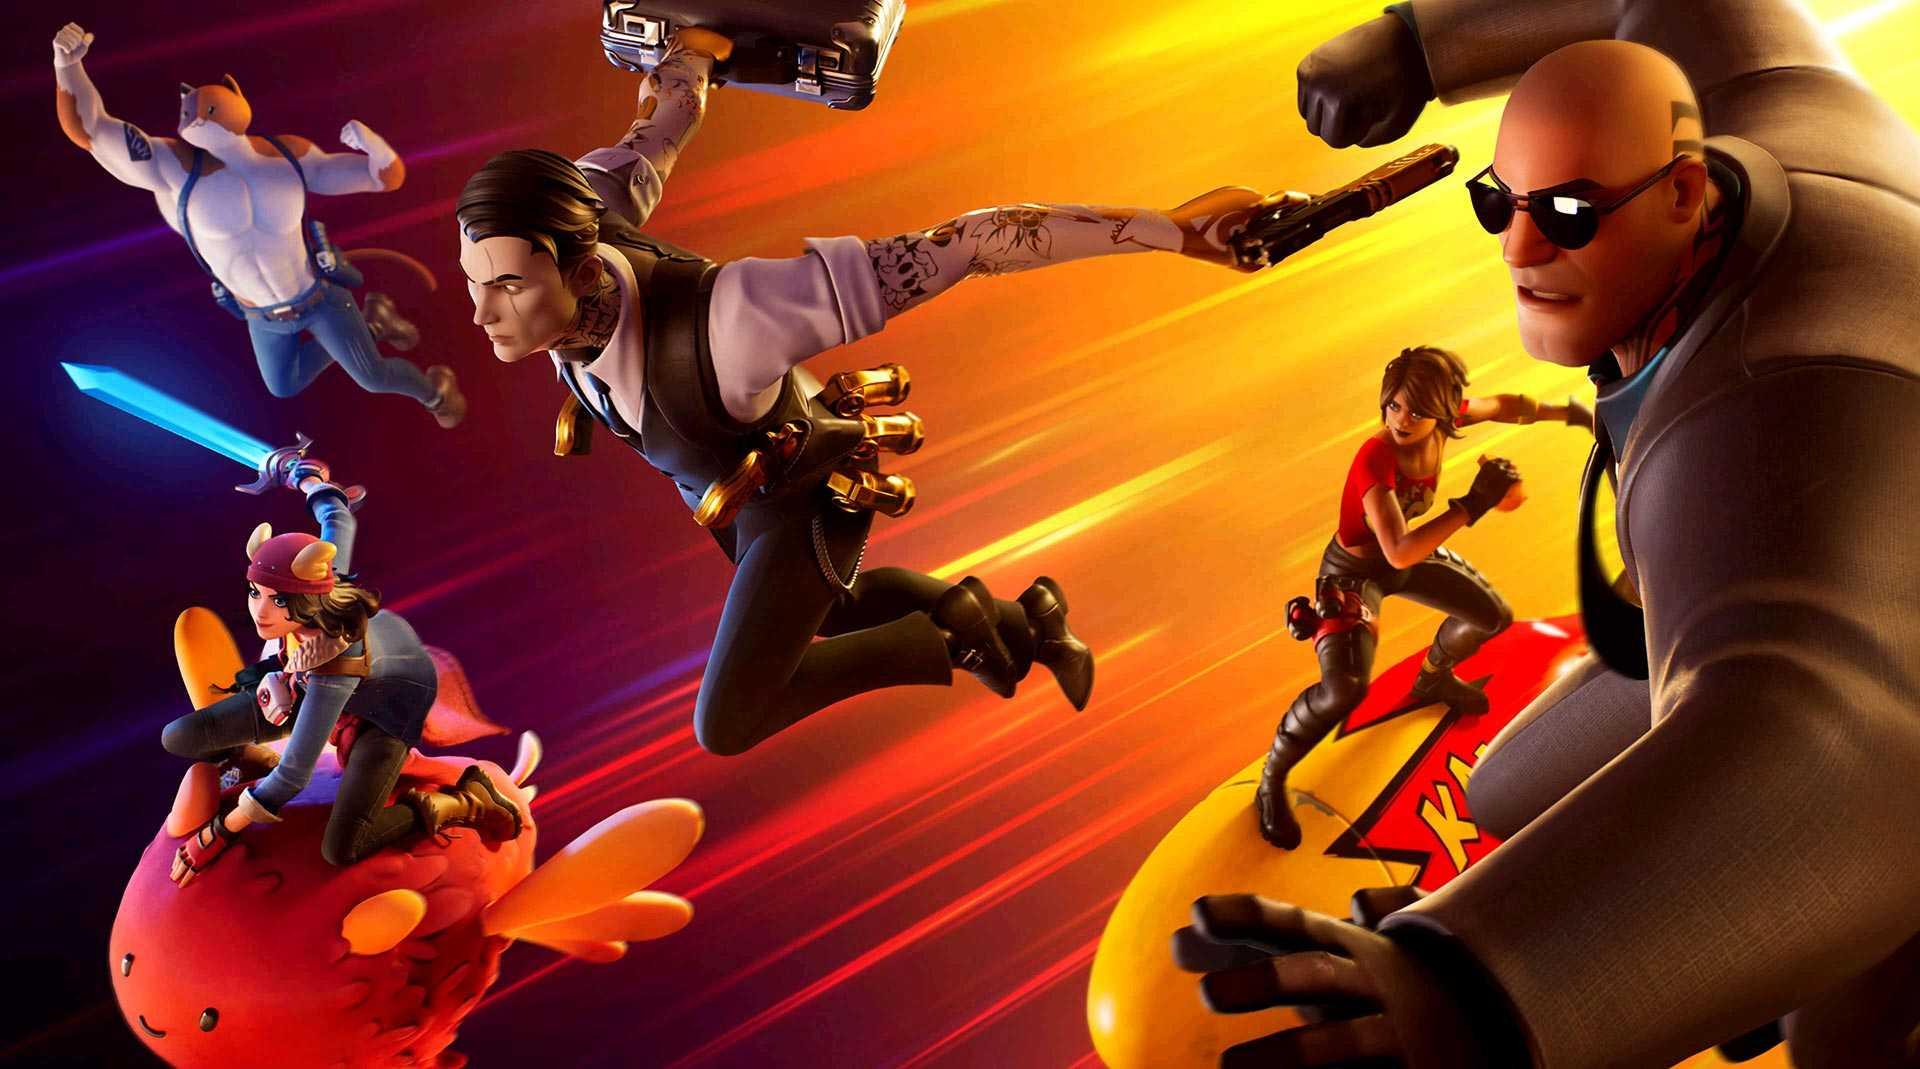 Epic Games compra el estudio detrás de uno de los juegos más populares de 2020